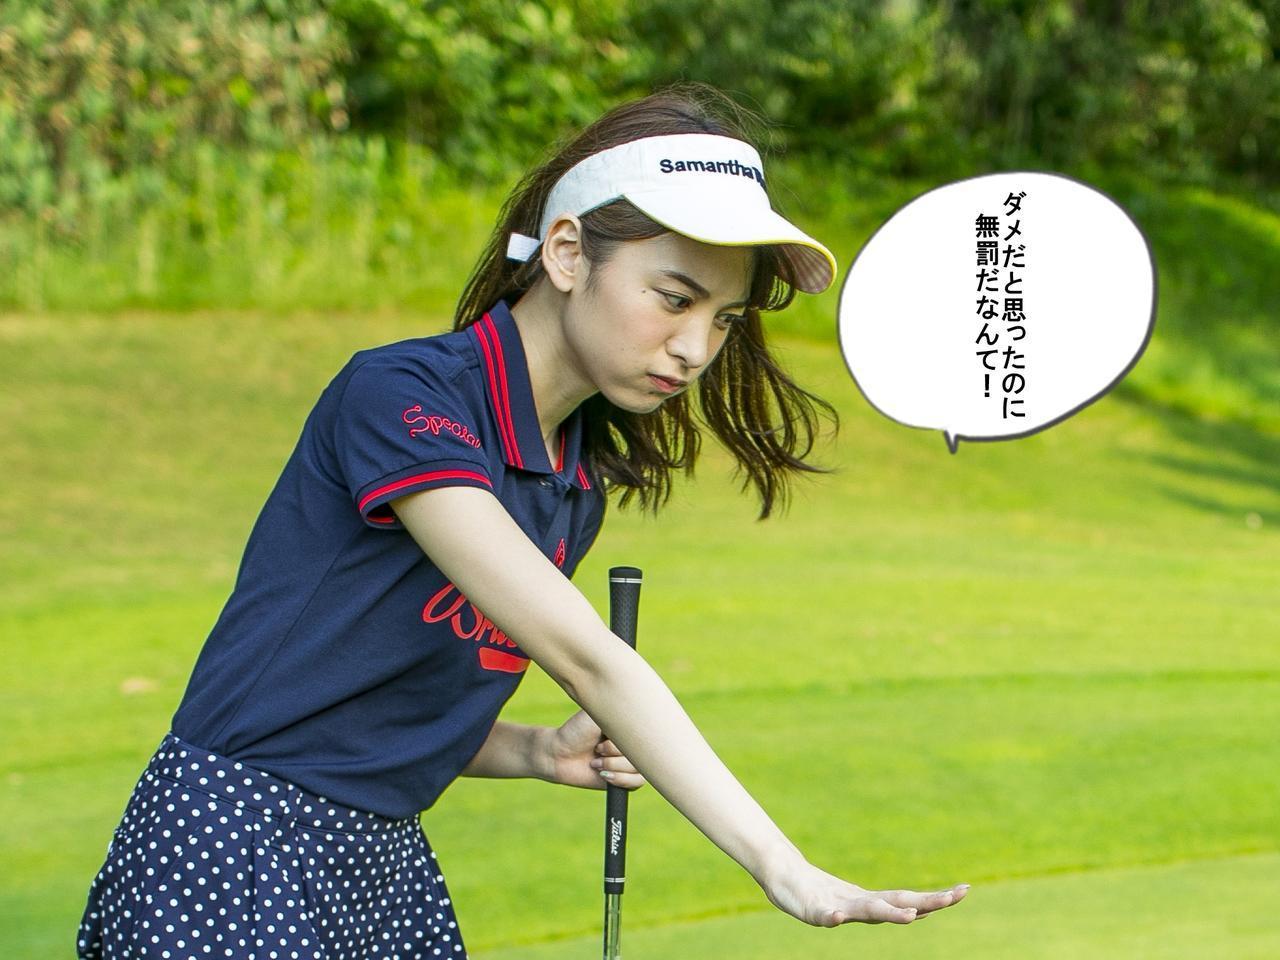 画像5: 【ルール】プレーの途中でボールに線を入れたら!?